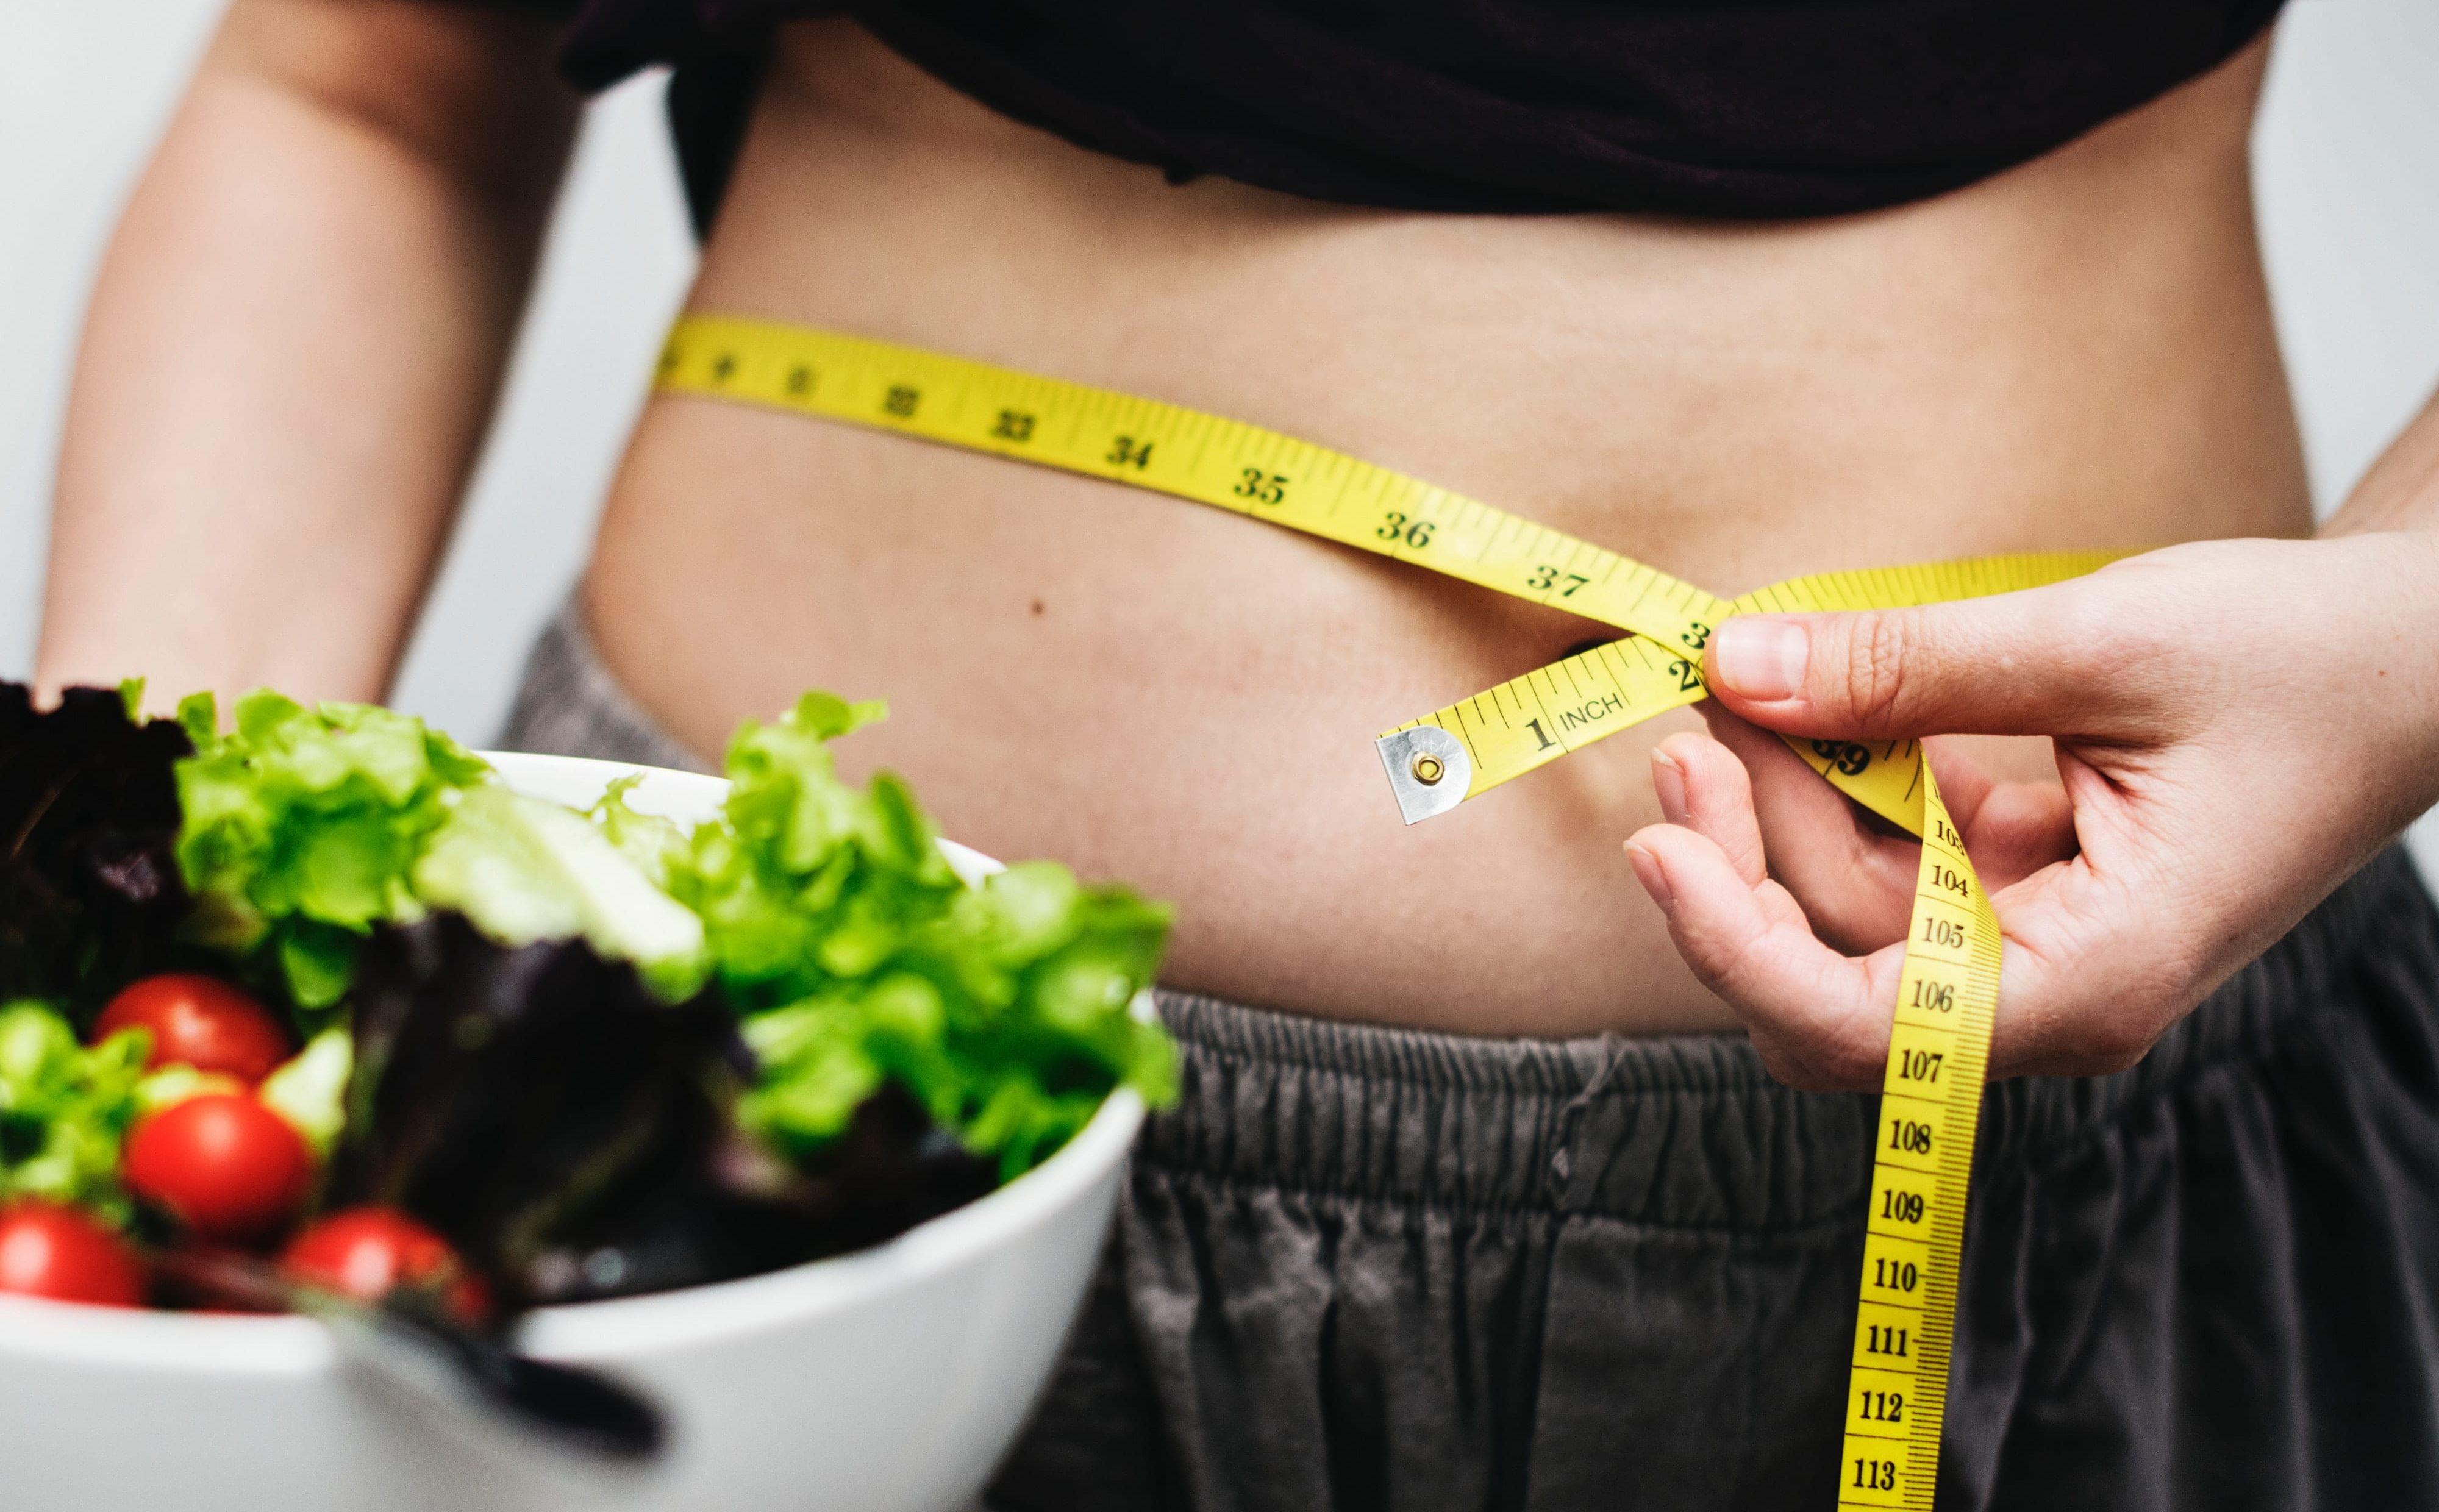 Come perdere peso velocemente: i consigli per dimagrire senza farmaci